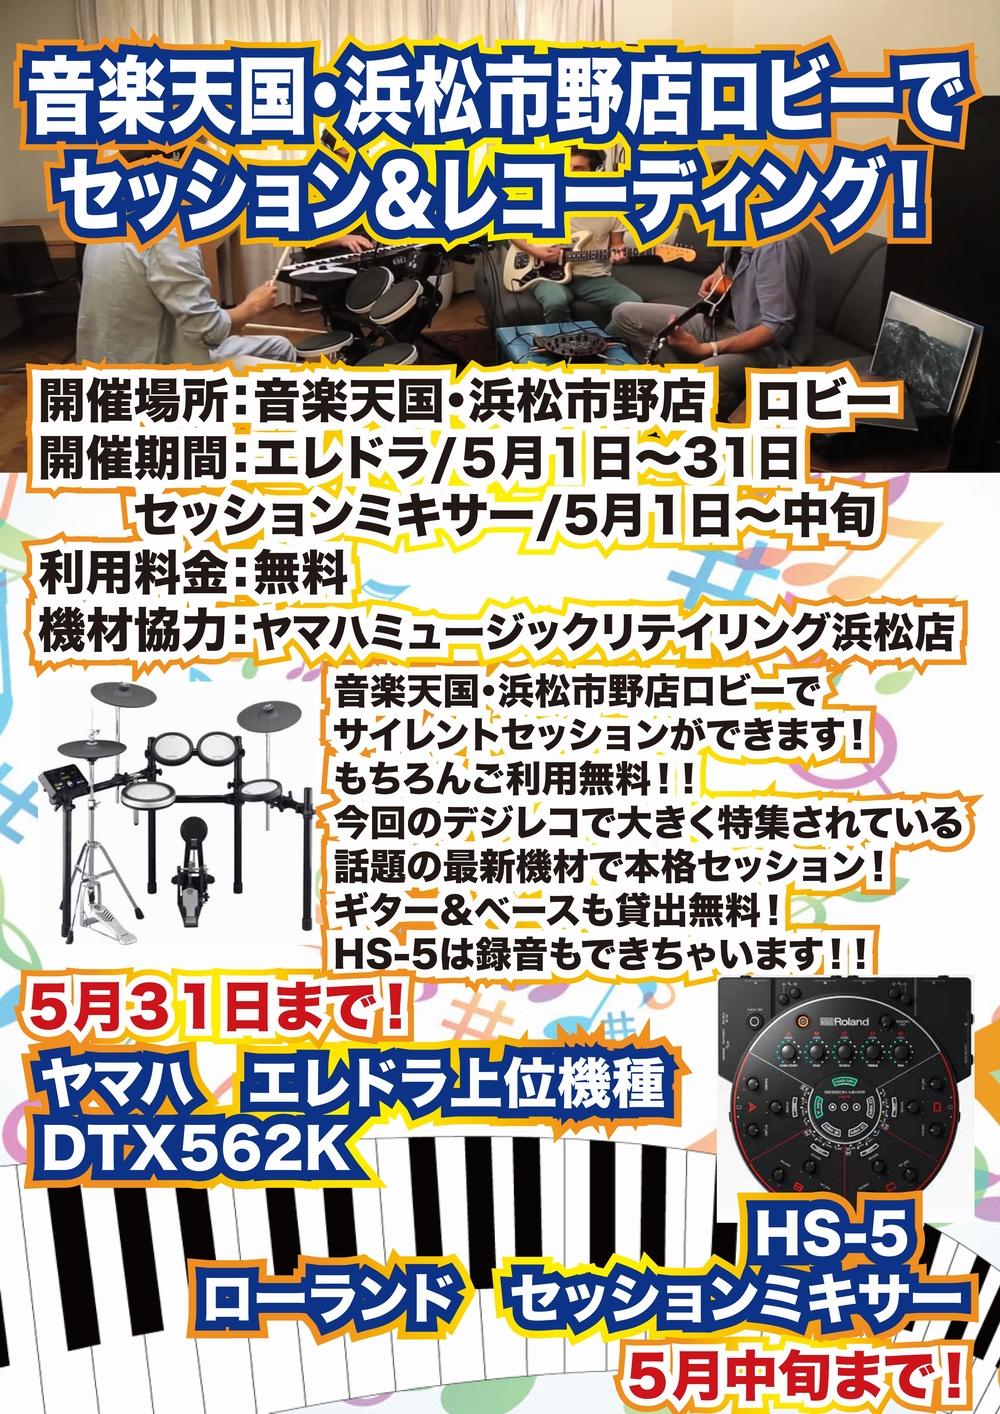 【サイレントセッション&レコーディング】音楽天国・浜松市野店5月1日から初開催!